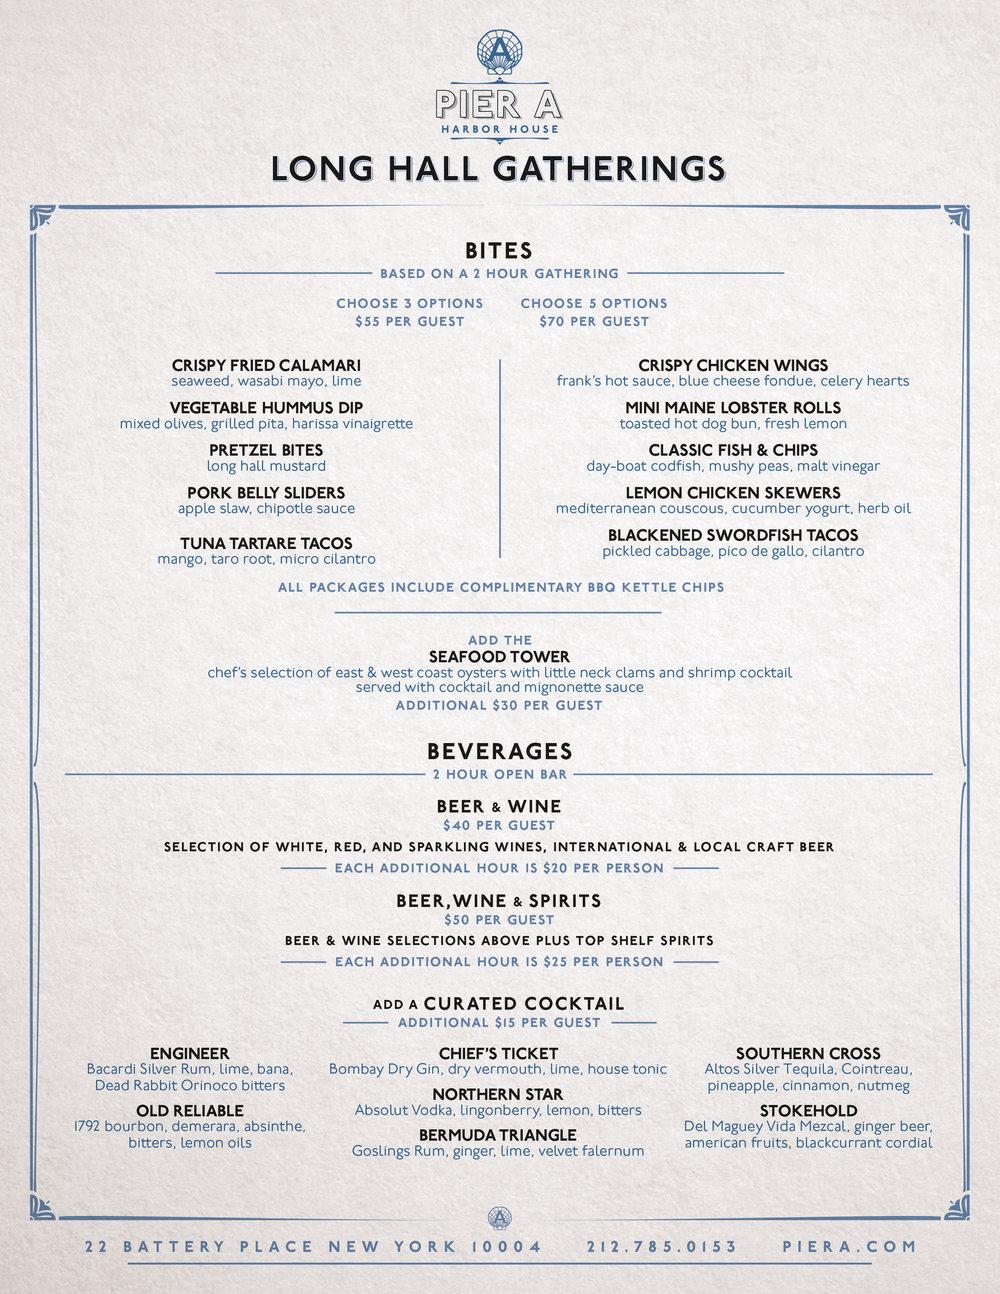 Long-Hall-Gatering-Nov-17.jpg